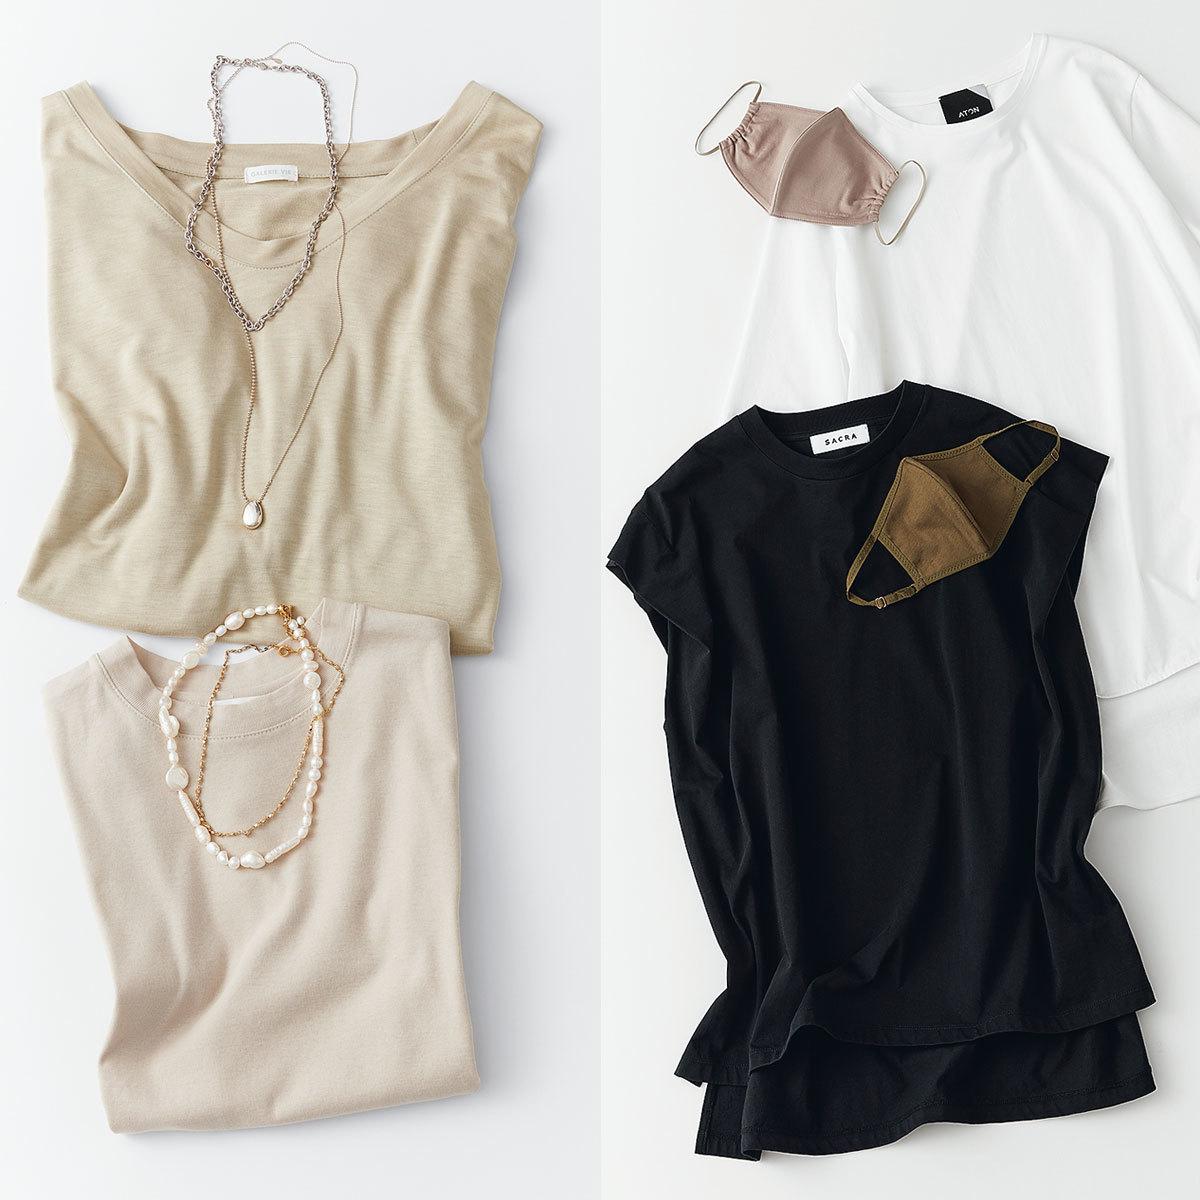 未発売のGU、ここだけの話から今季「ブリックレッド」のドレスを選ぶ理由まで【ファッション人気記事ランキングトップ10】_1_4